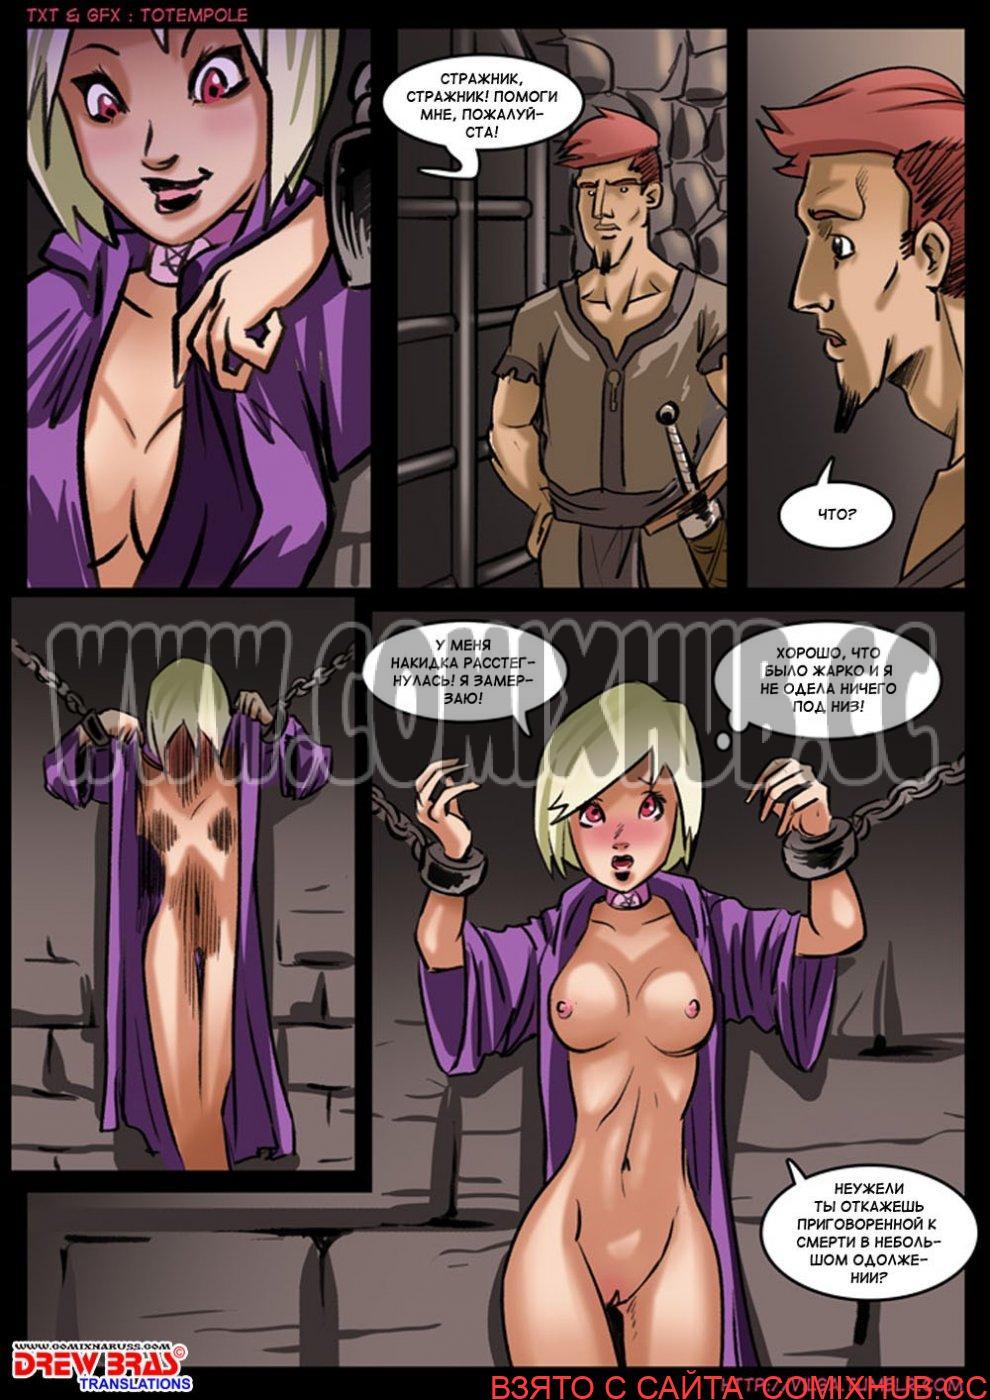 Волшебница, часть 1 Порно комиксы, Большие члены, Монстры, Фемдом